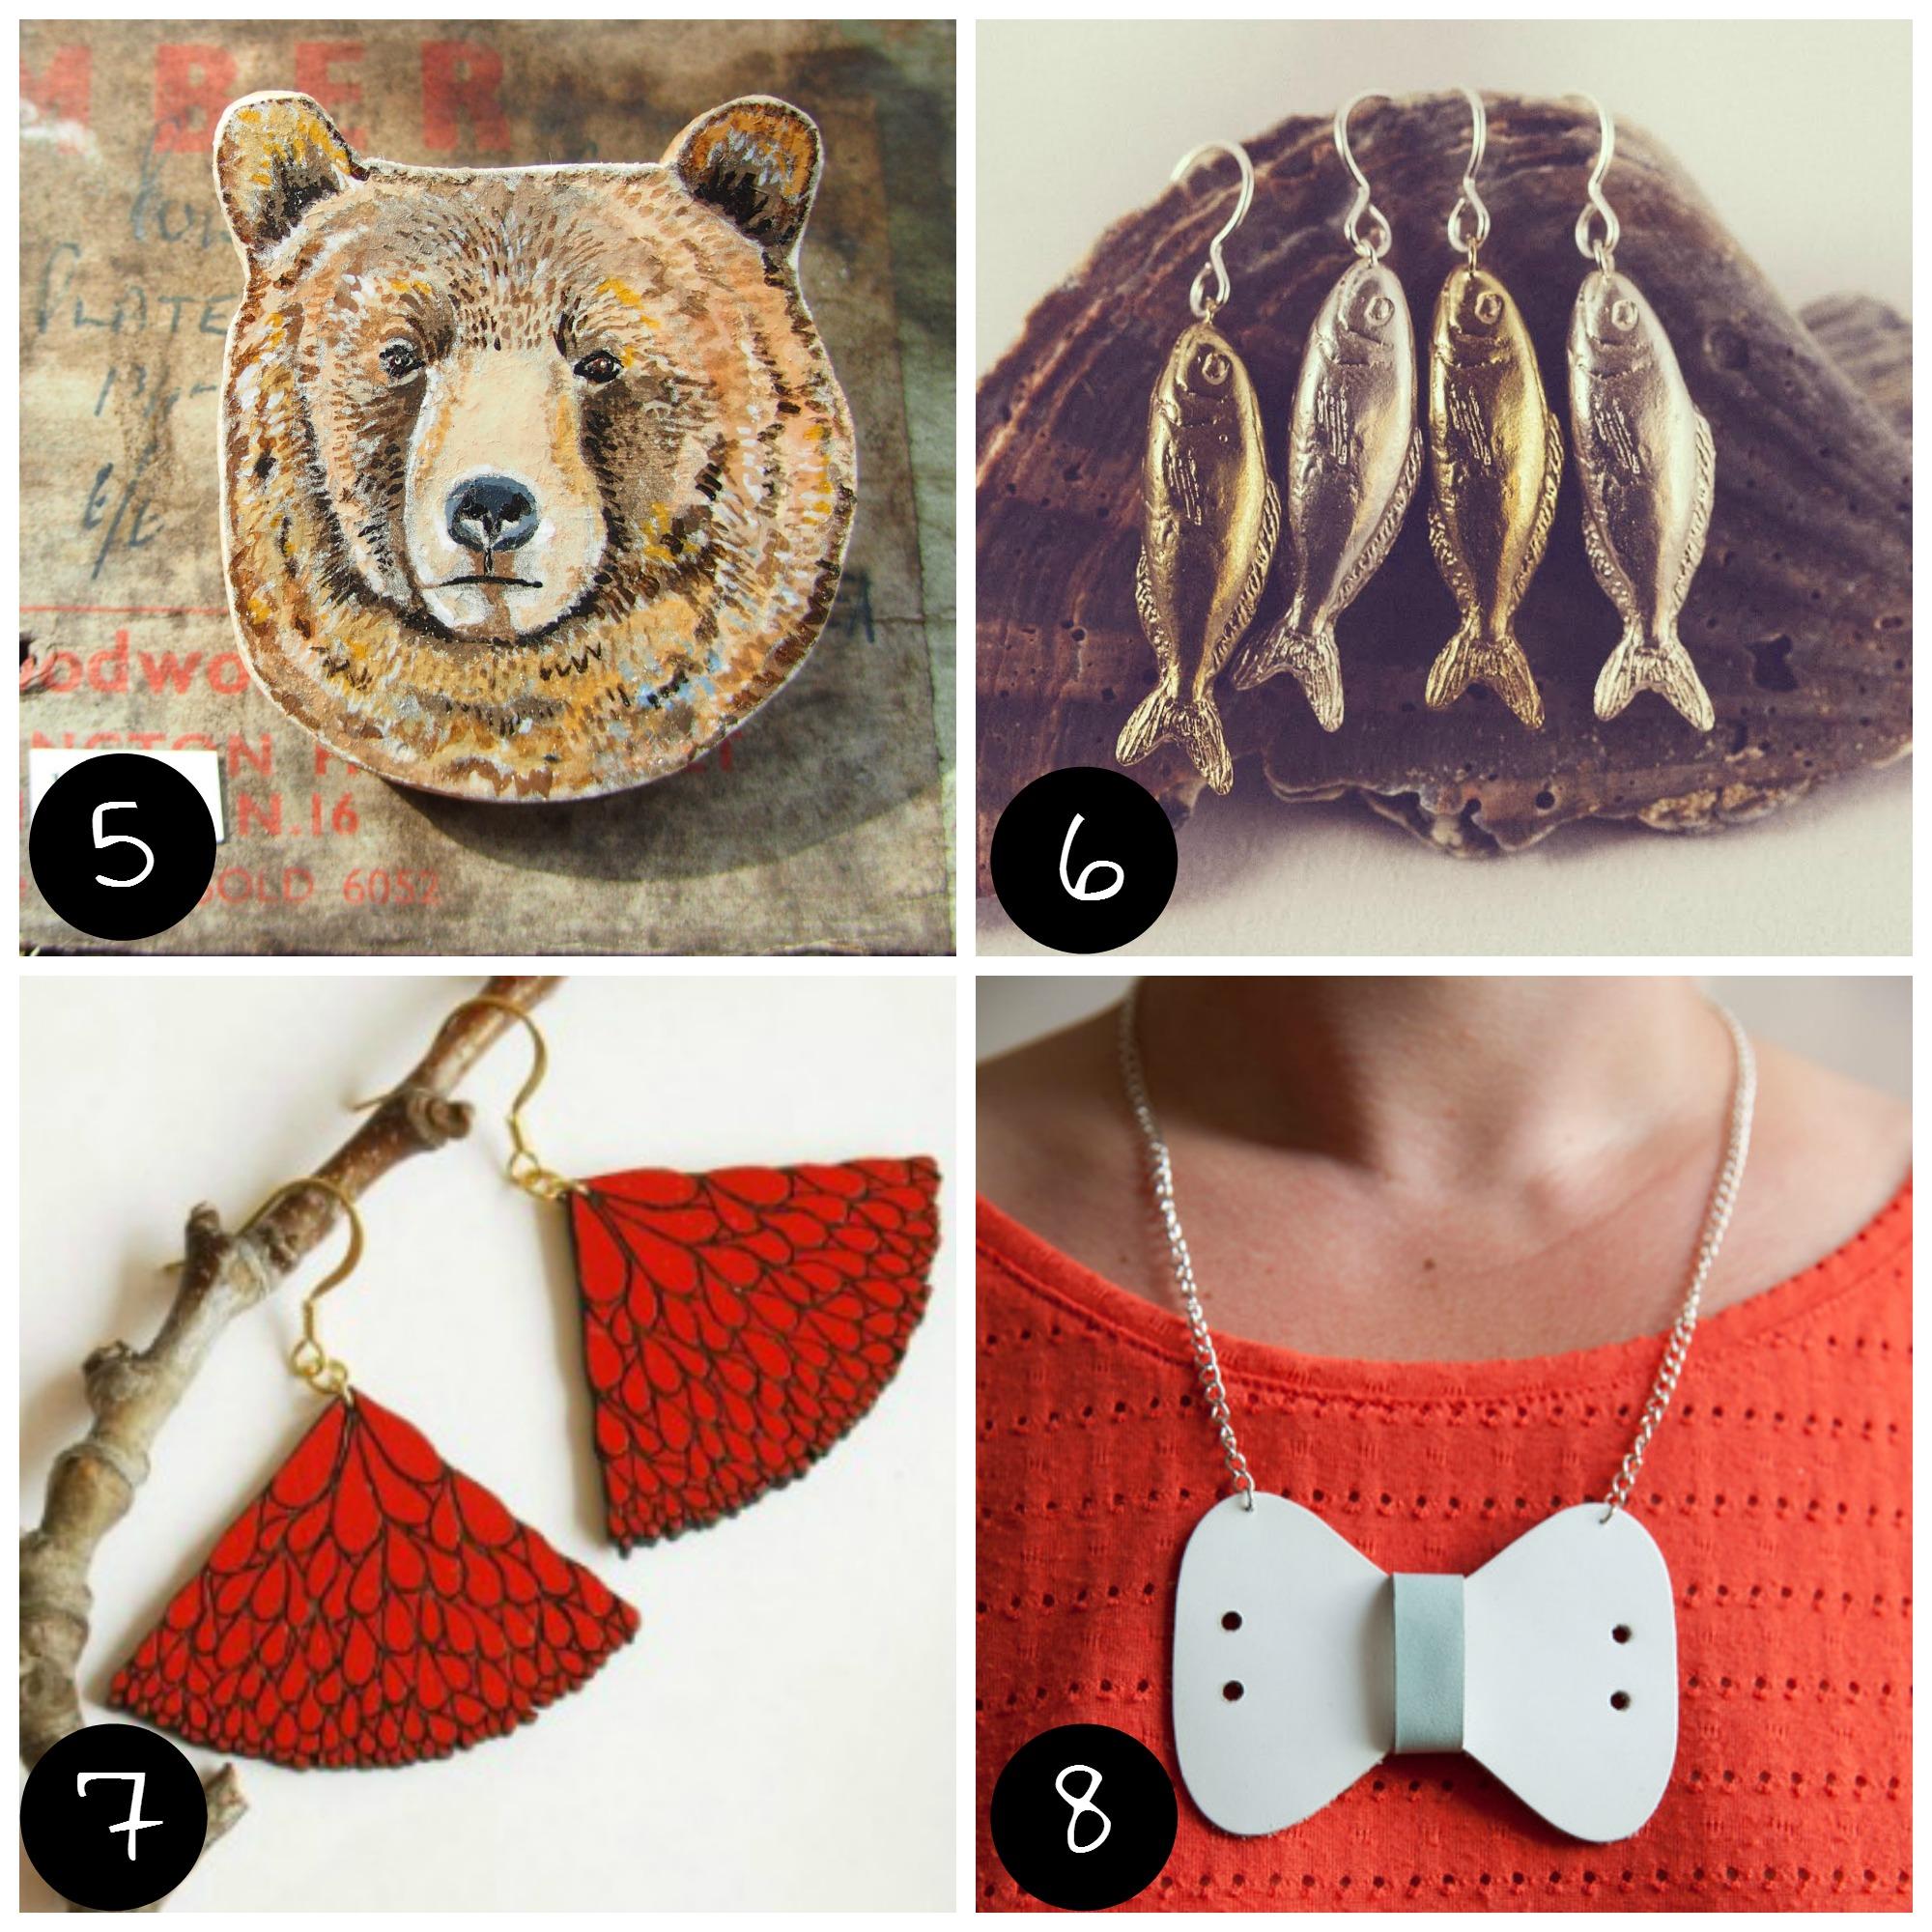 5.  Ethical History Museum  (Brixton - Sun 7 Dec), 6.  Chalk Designs  (Brixton - Sun 7 Dec), 7.  Manolo  (Dalston - Sun 30 Nov), 8.  Girl with Beads  (Peckham - Sat 13 Dec).